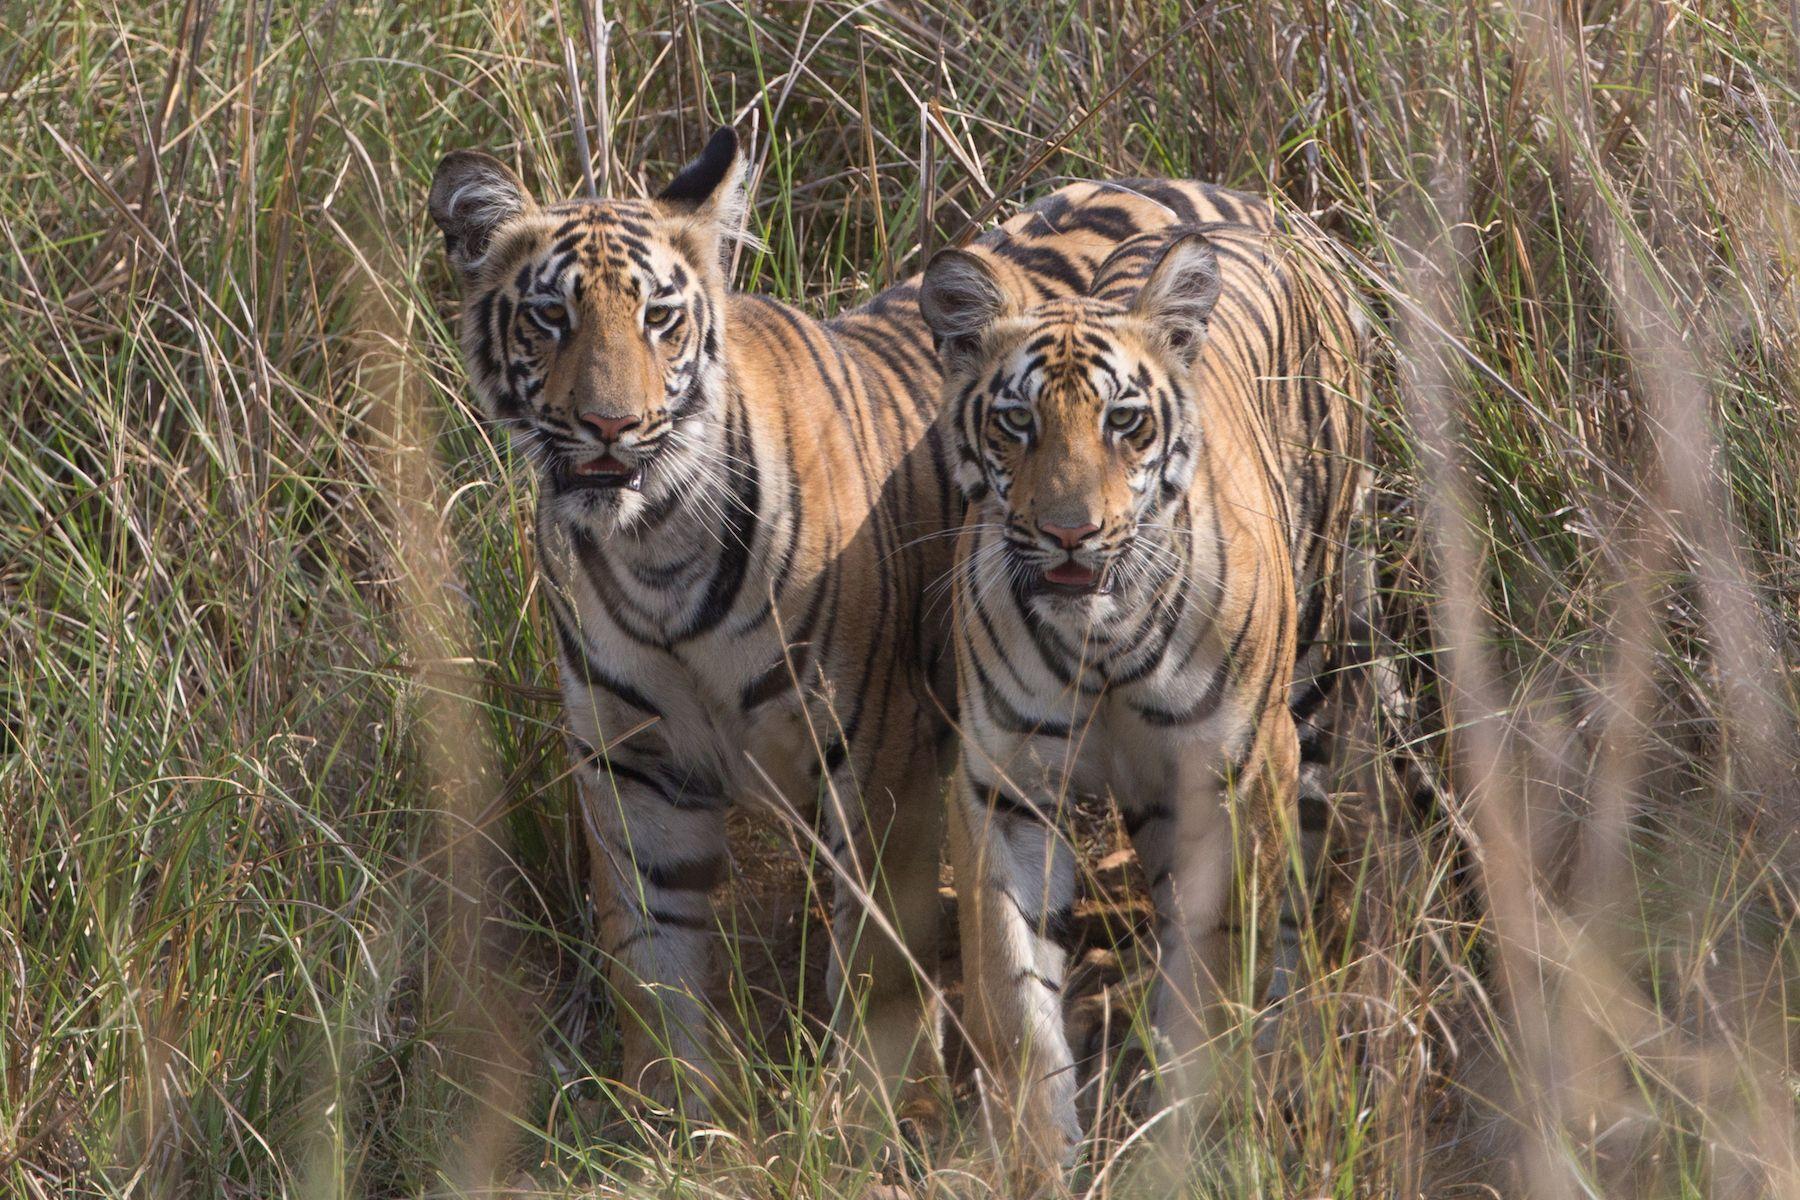 Tadoba Tigers